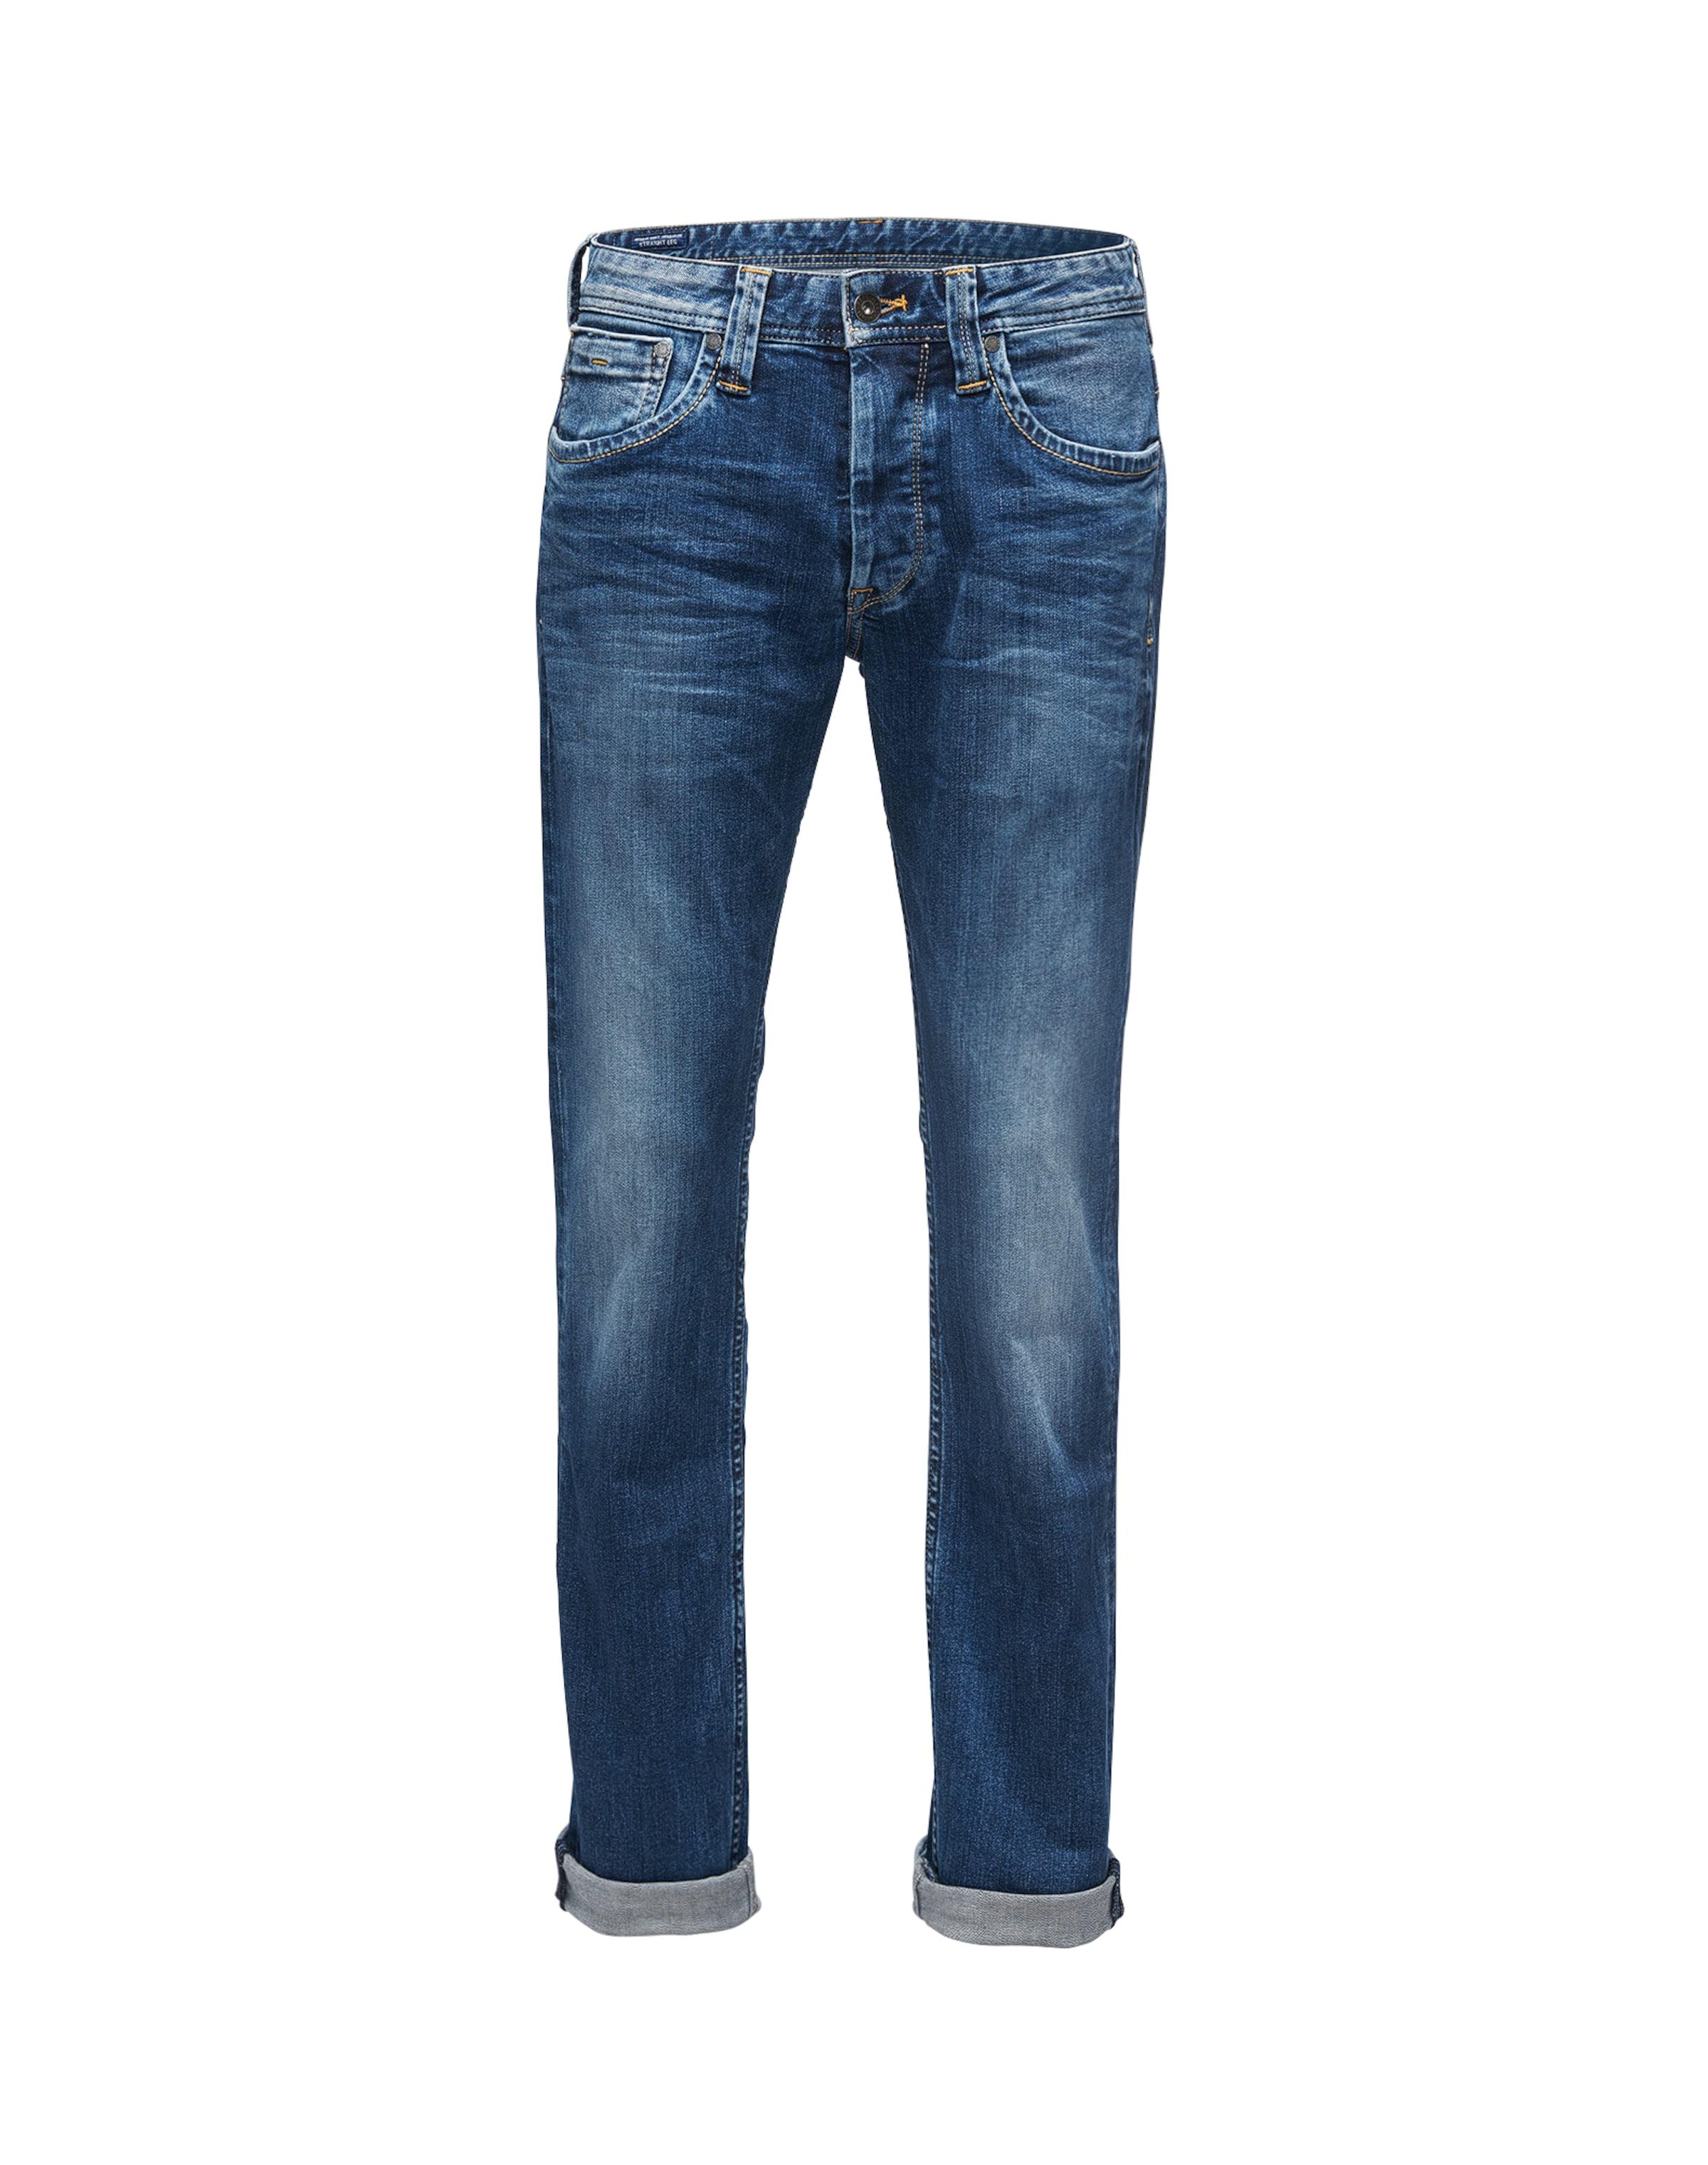 Freies Verschiffen Große Überraschung Pepe Jeans Jeans 'Cash' Footlocker Verkauf Online Freies Verschiffen Beruf drYmQjL